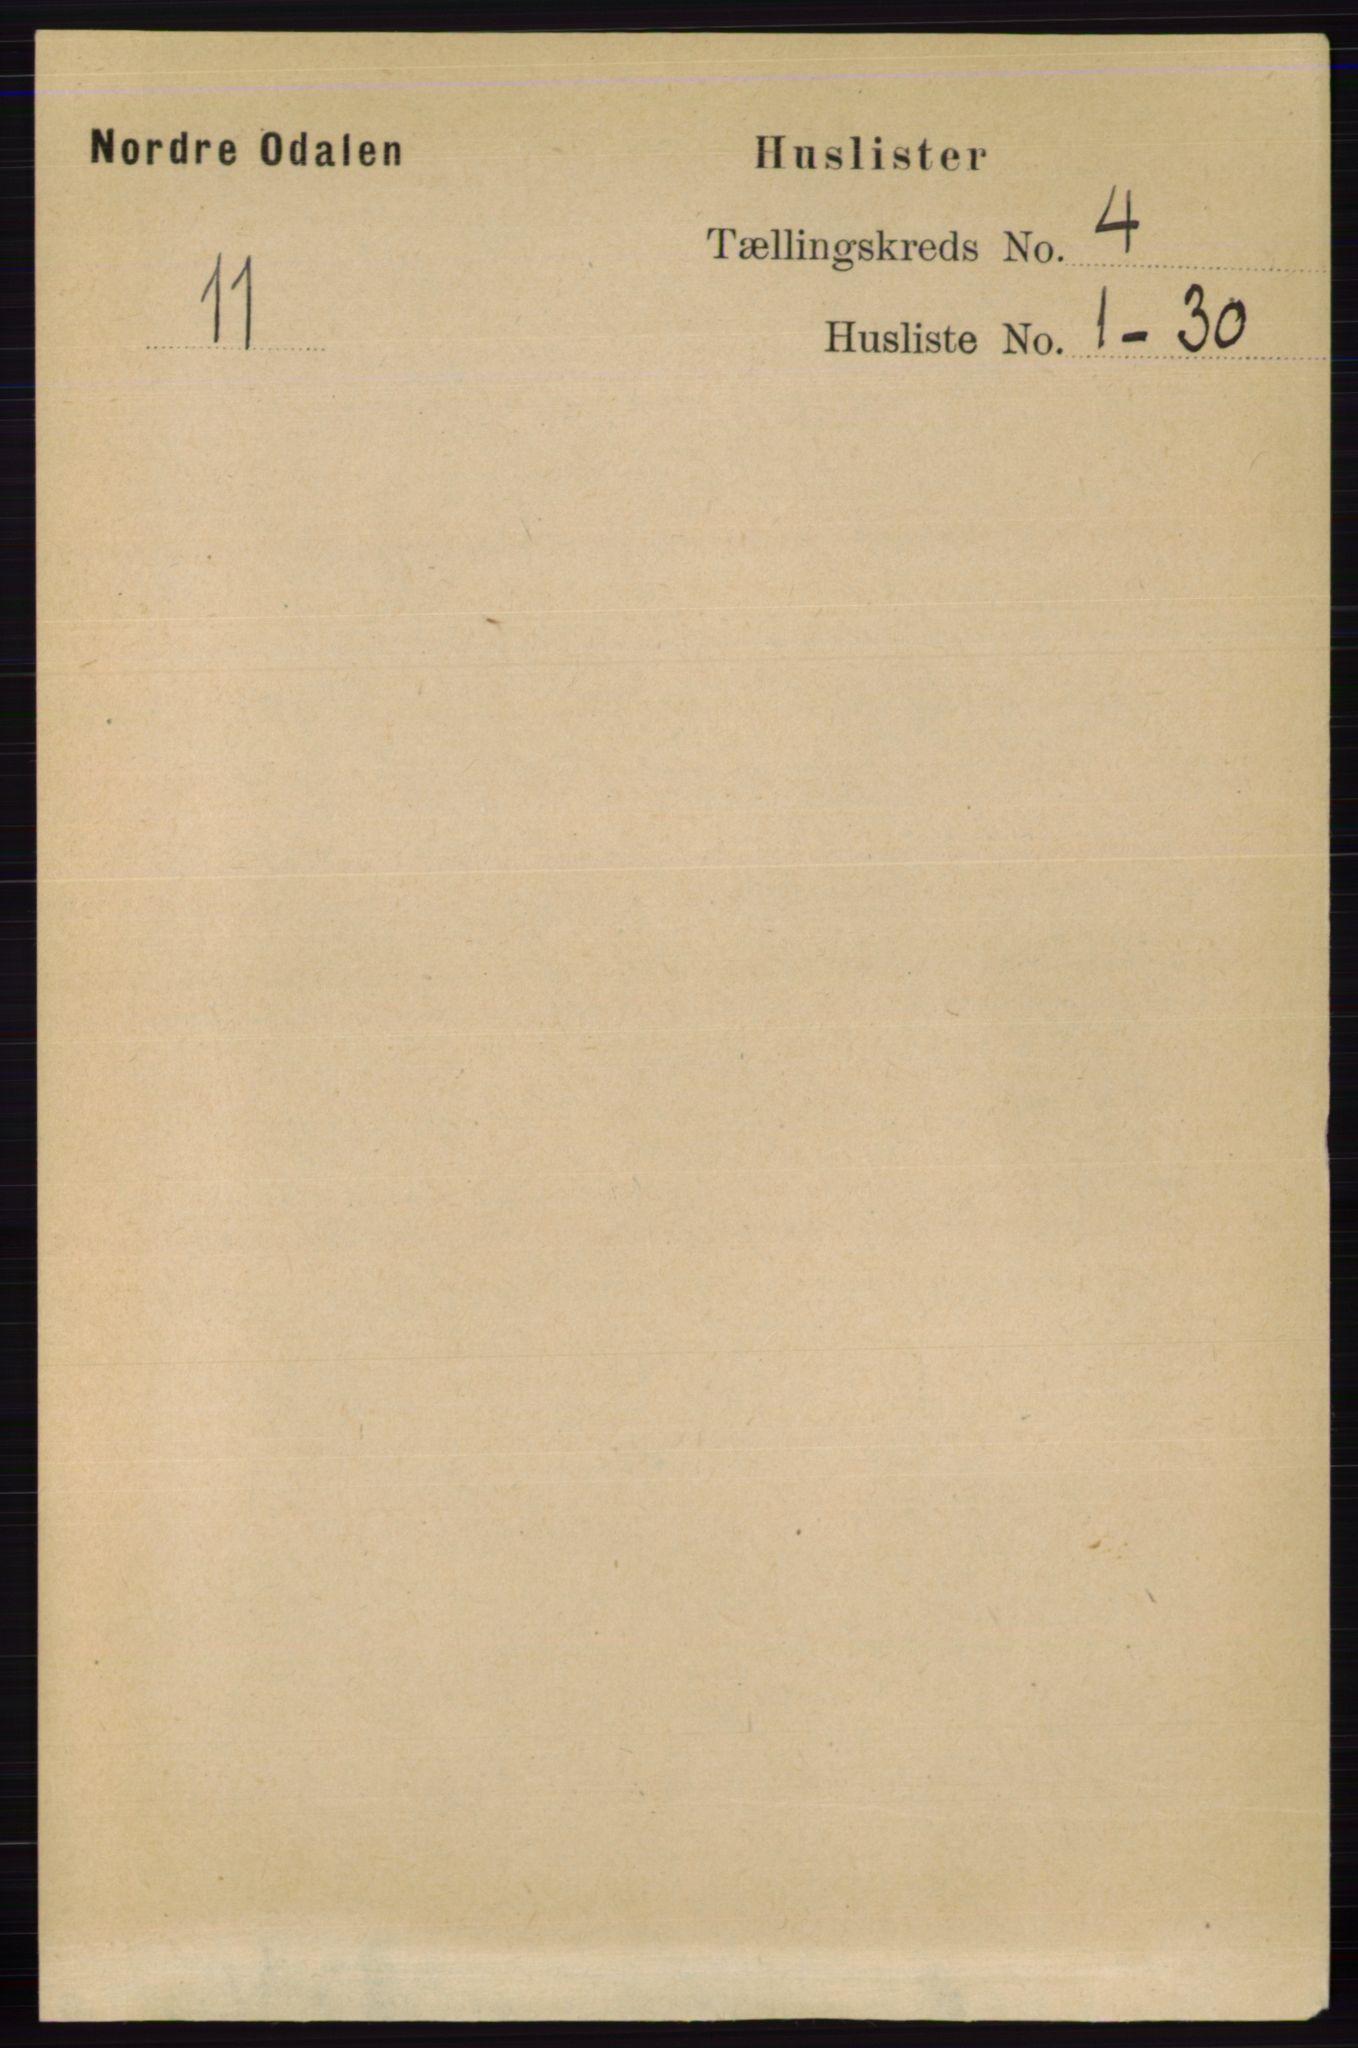 RA, Folketelling 1891 for 0418 Nord-Odal herred, 1891, s. 1229